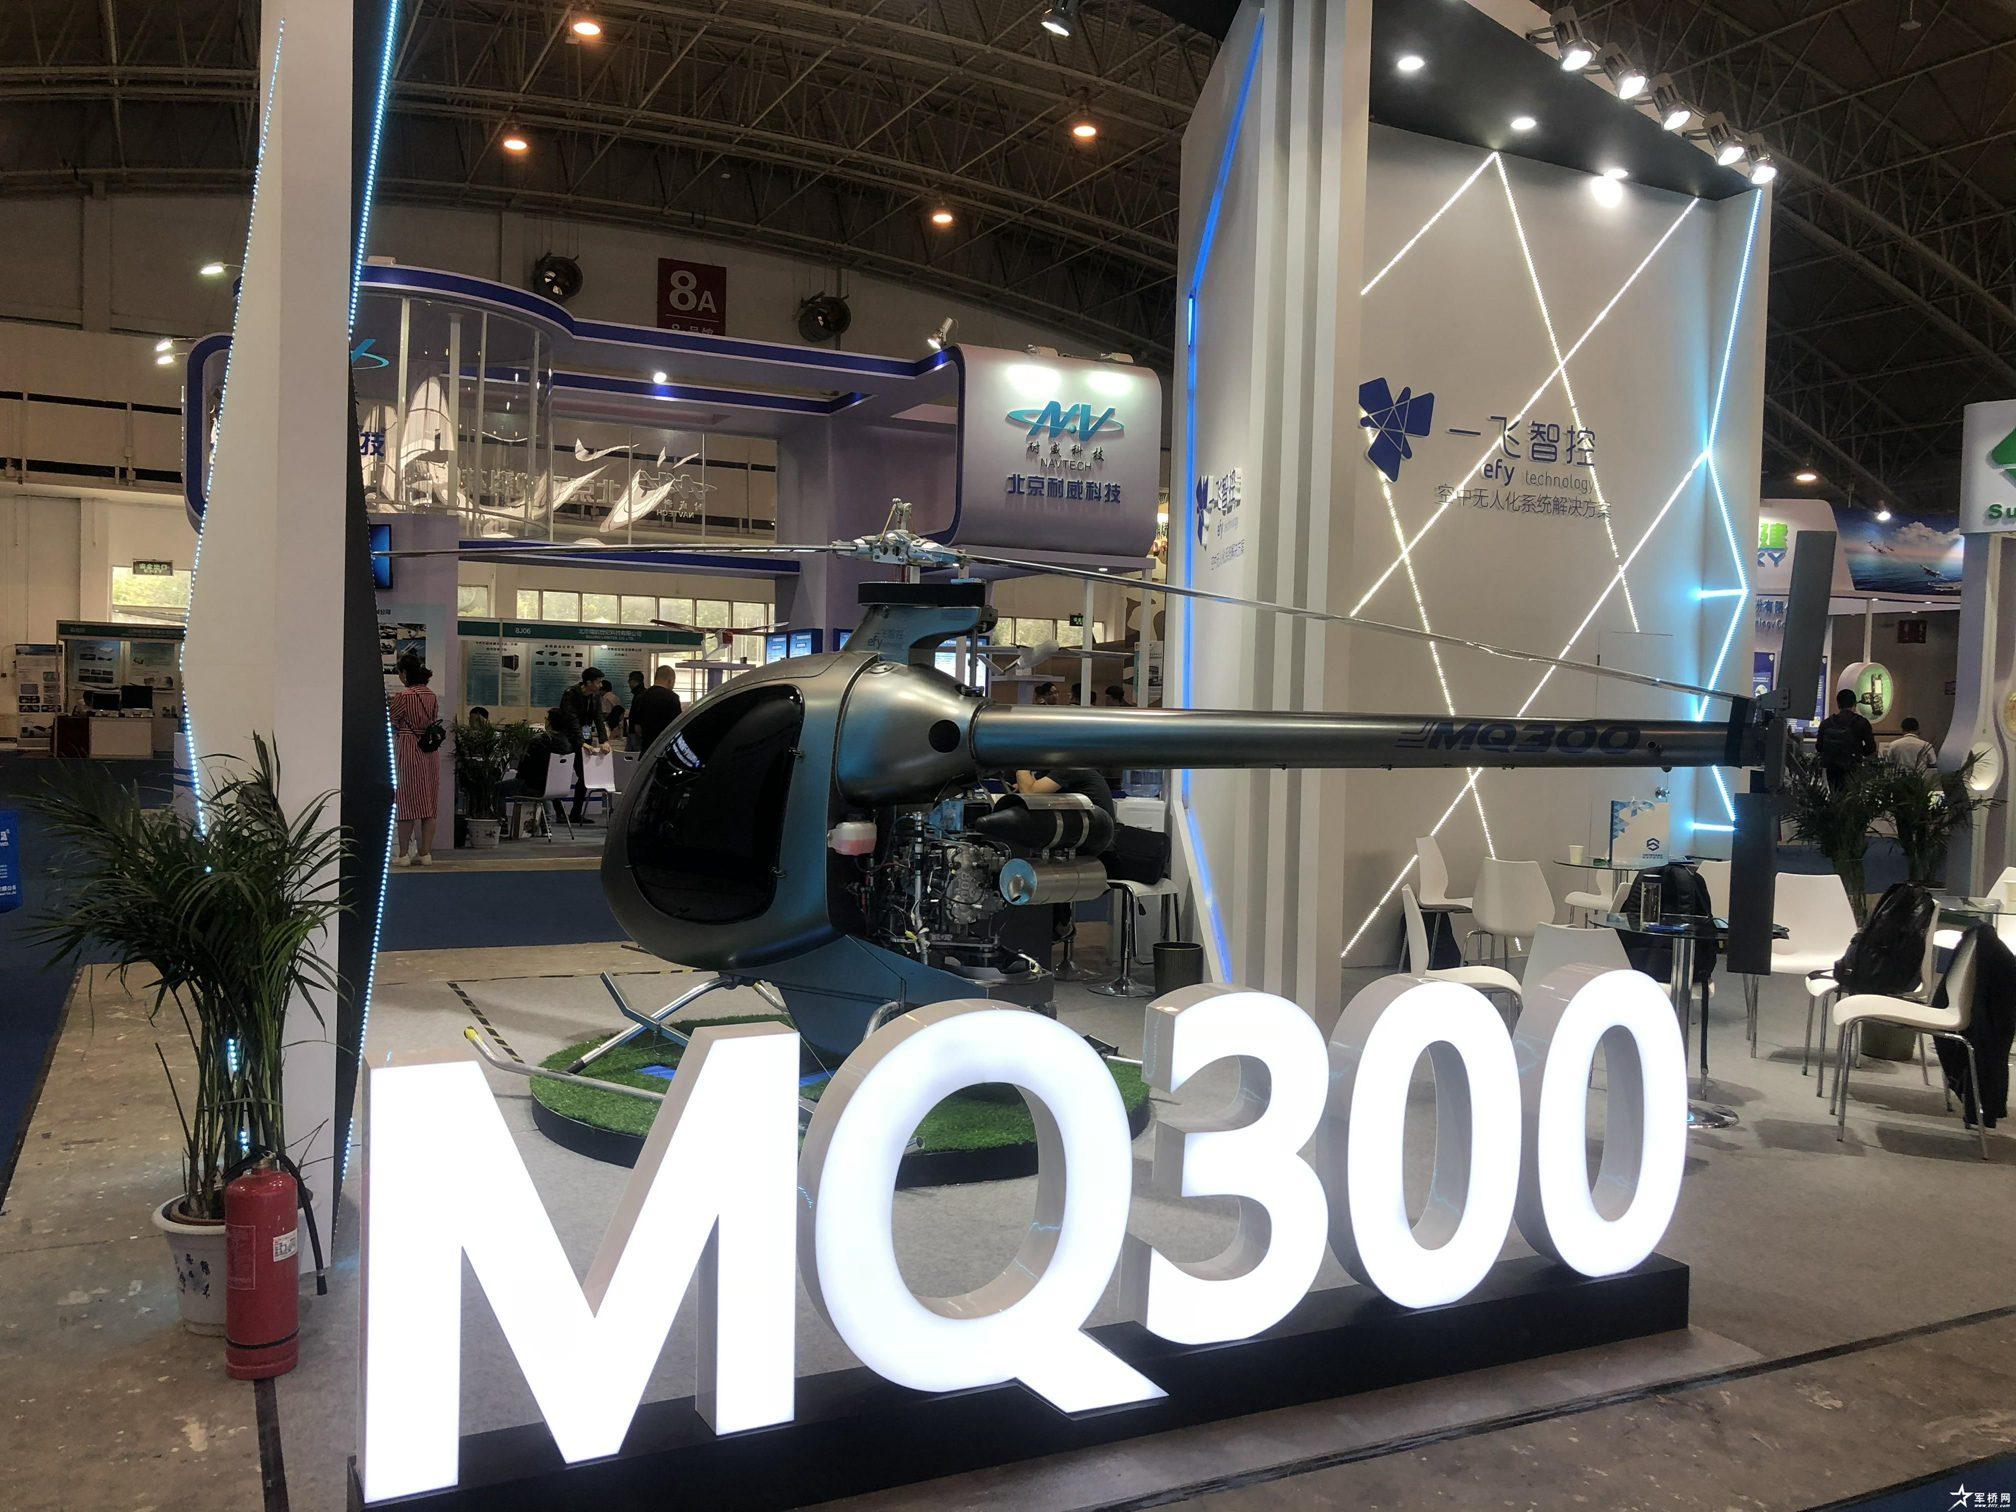 一飞智控携无人直升机MQ-300 亮相2018国防电子展